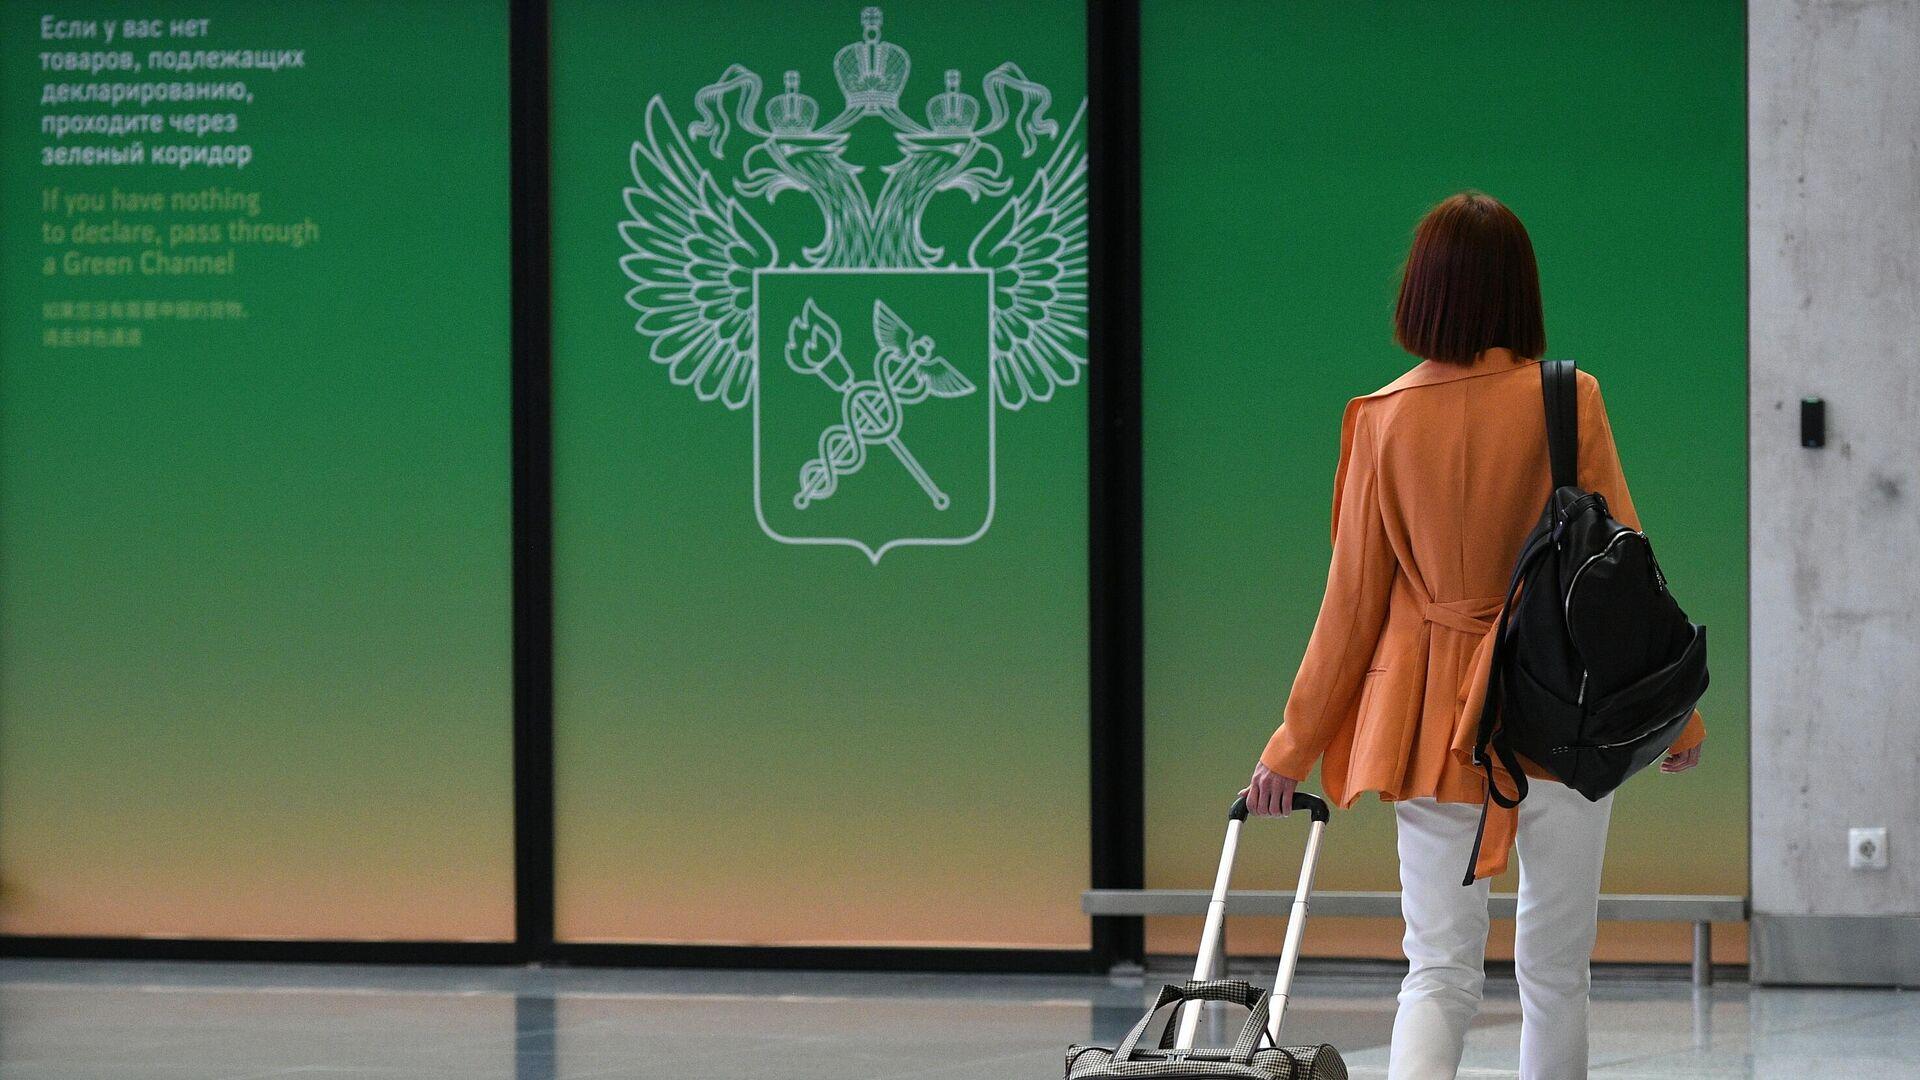 Пассажир в Терминале C московского аэропорта Шереметьево - РИА Новости, 1920, 28.07.2021